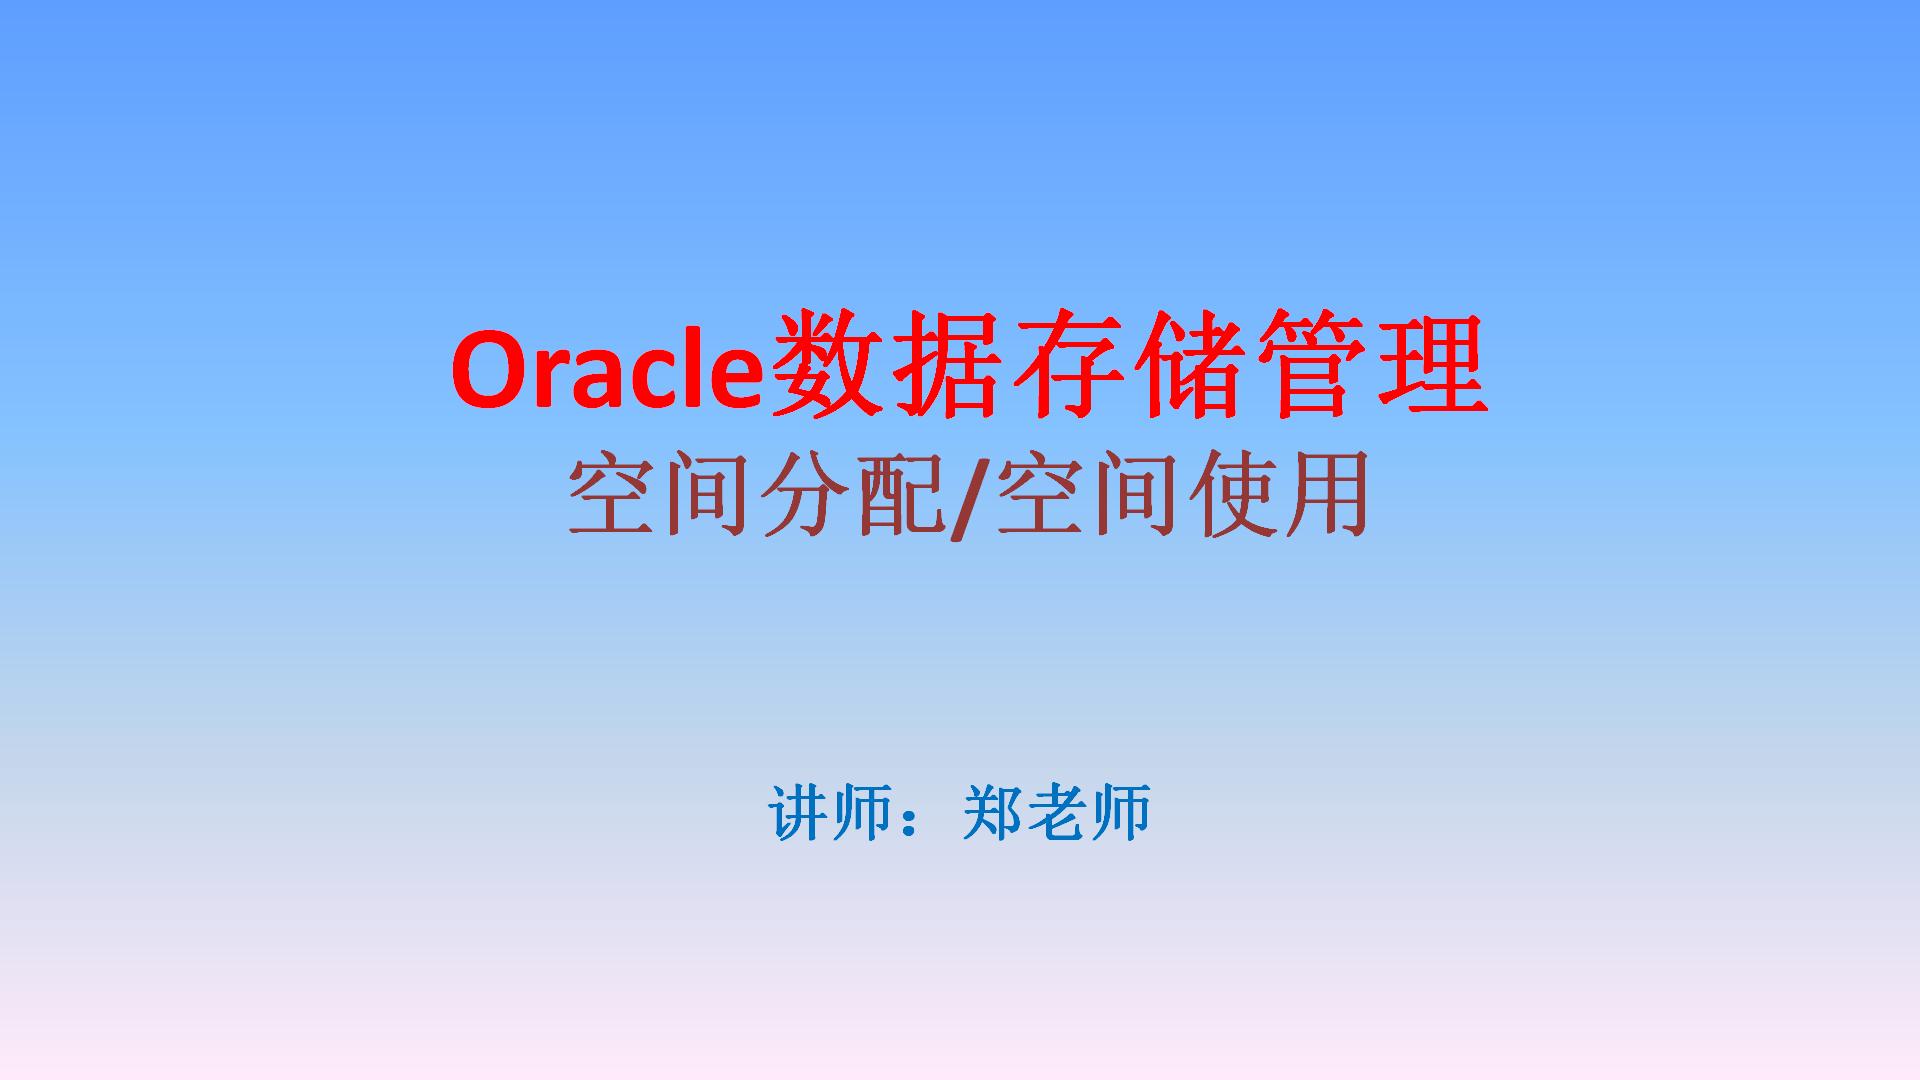 Oracle12数据存储管理:空间分配管理和空间存储(使用)管理